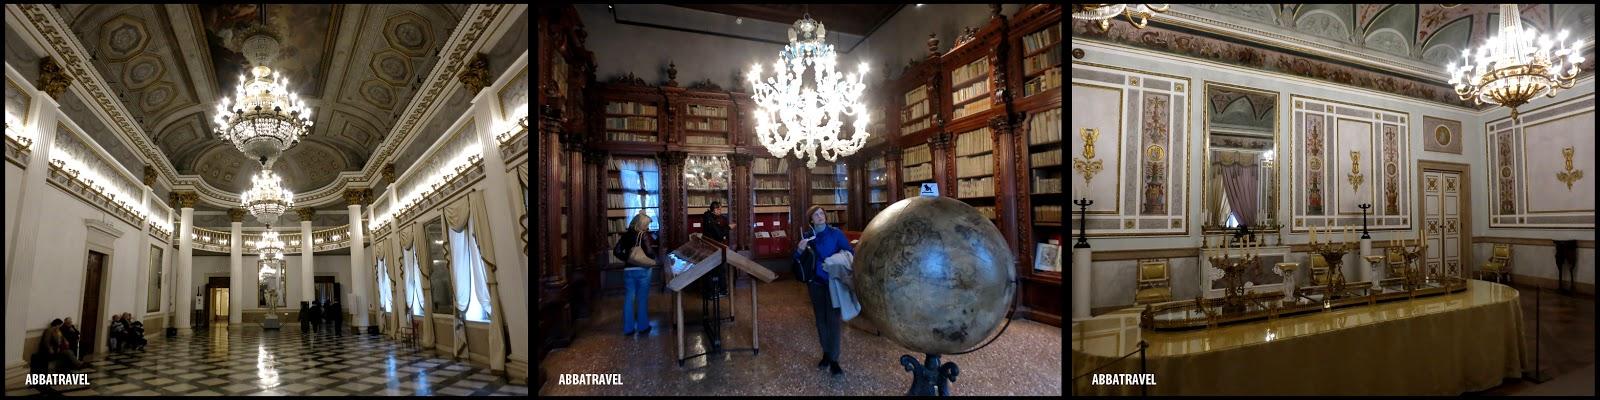 ABBATravel: Italy - Venice - To Do 08Nov2015 (Doge's Palace, Rialto Markets & Bridge, Murano ...